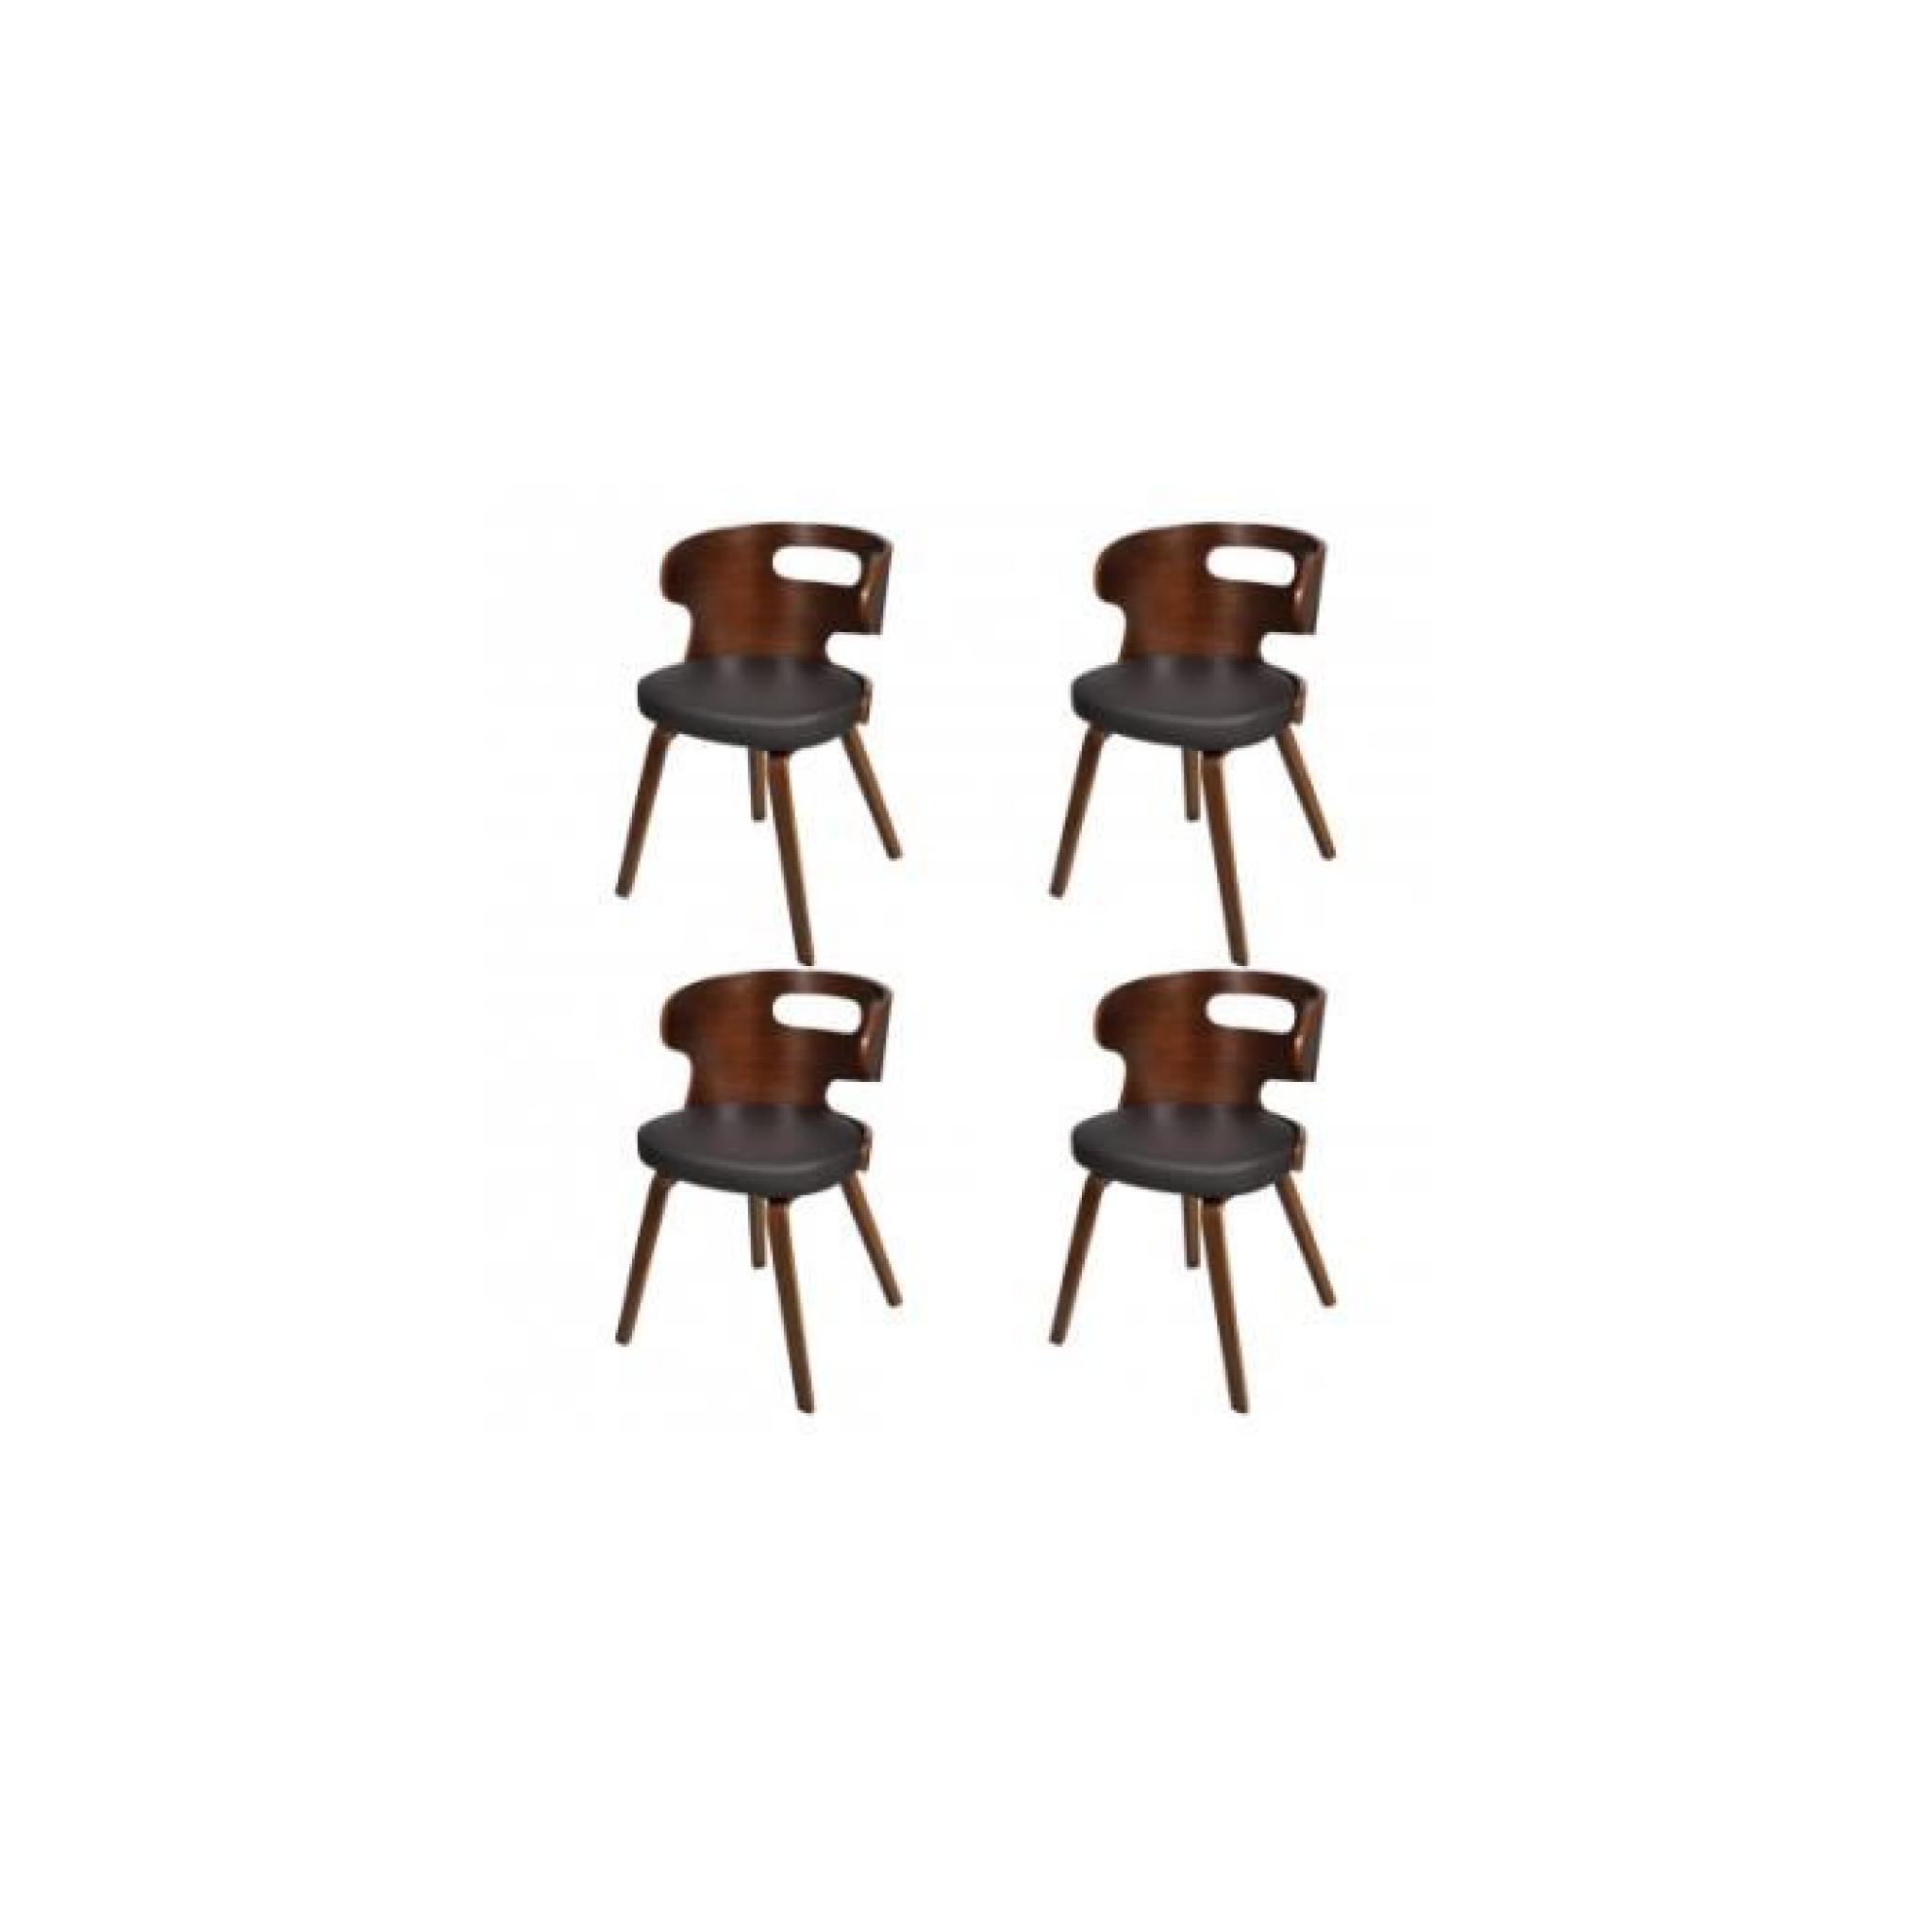 Lot de 4 chaises de salle achat vente chaise salle a manger pas cher couleur et - Lot de 4 chaise pas cher ...